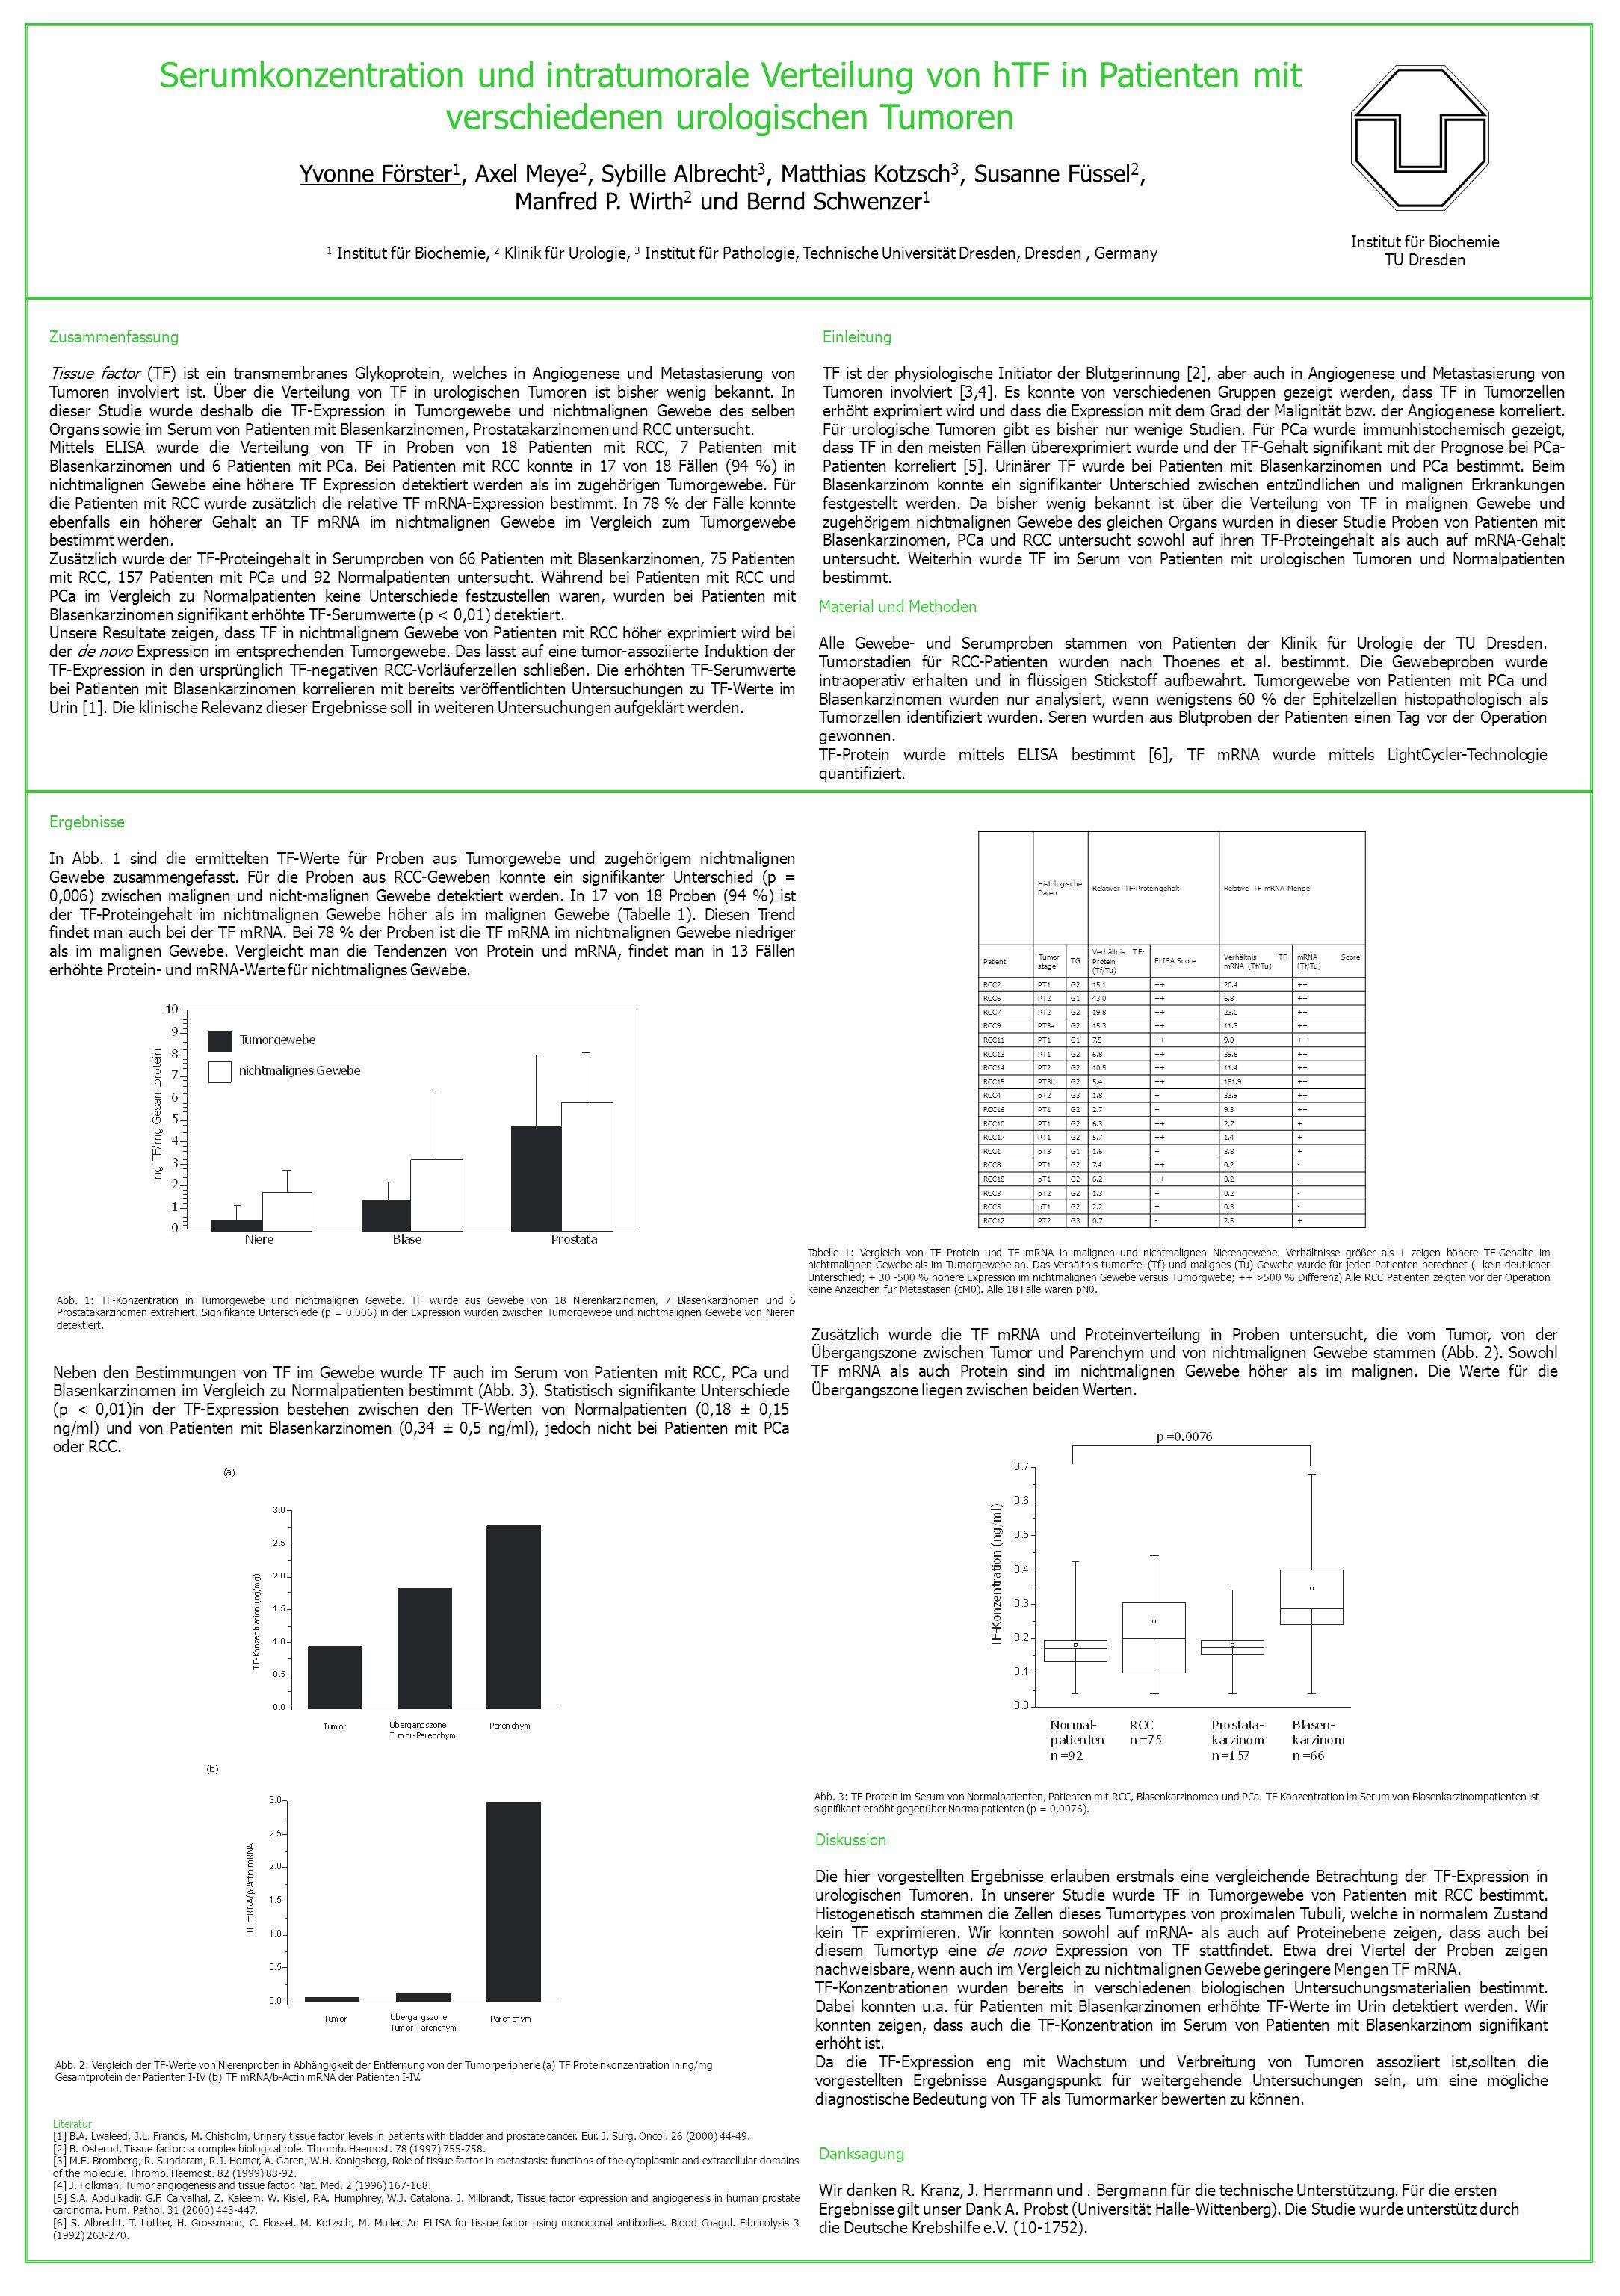 Serumkonzentration und intratumorale Verteilung von hTF in Patienten mit verschiedenen urologischen Tumoren Yvonne Förster 1, Axel Meye 2, Sybille Alb